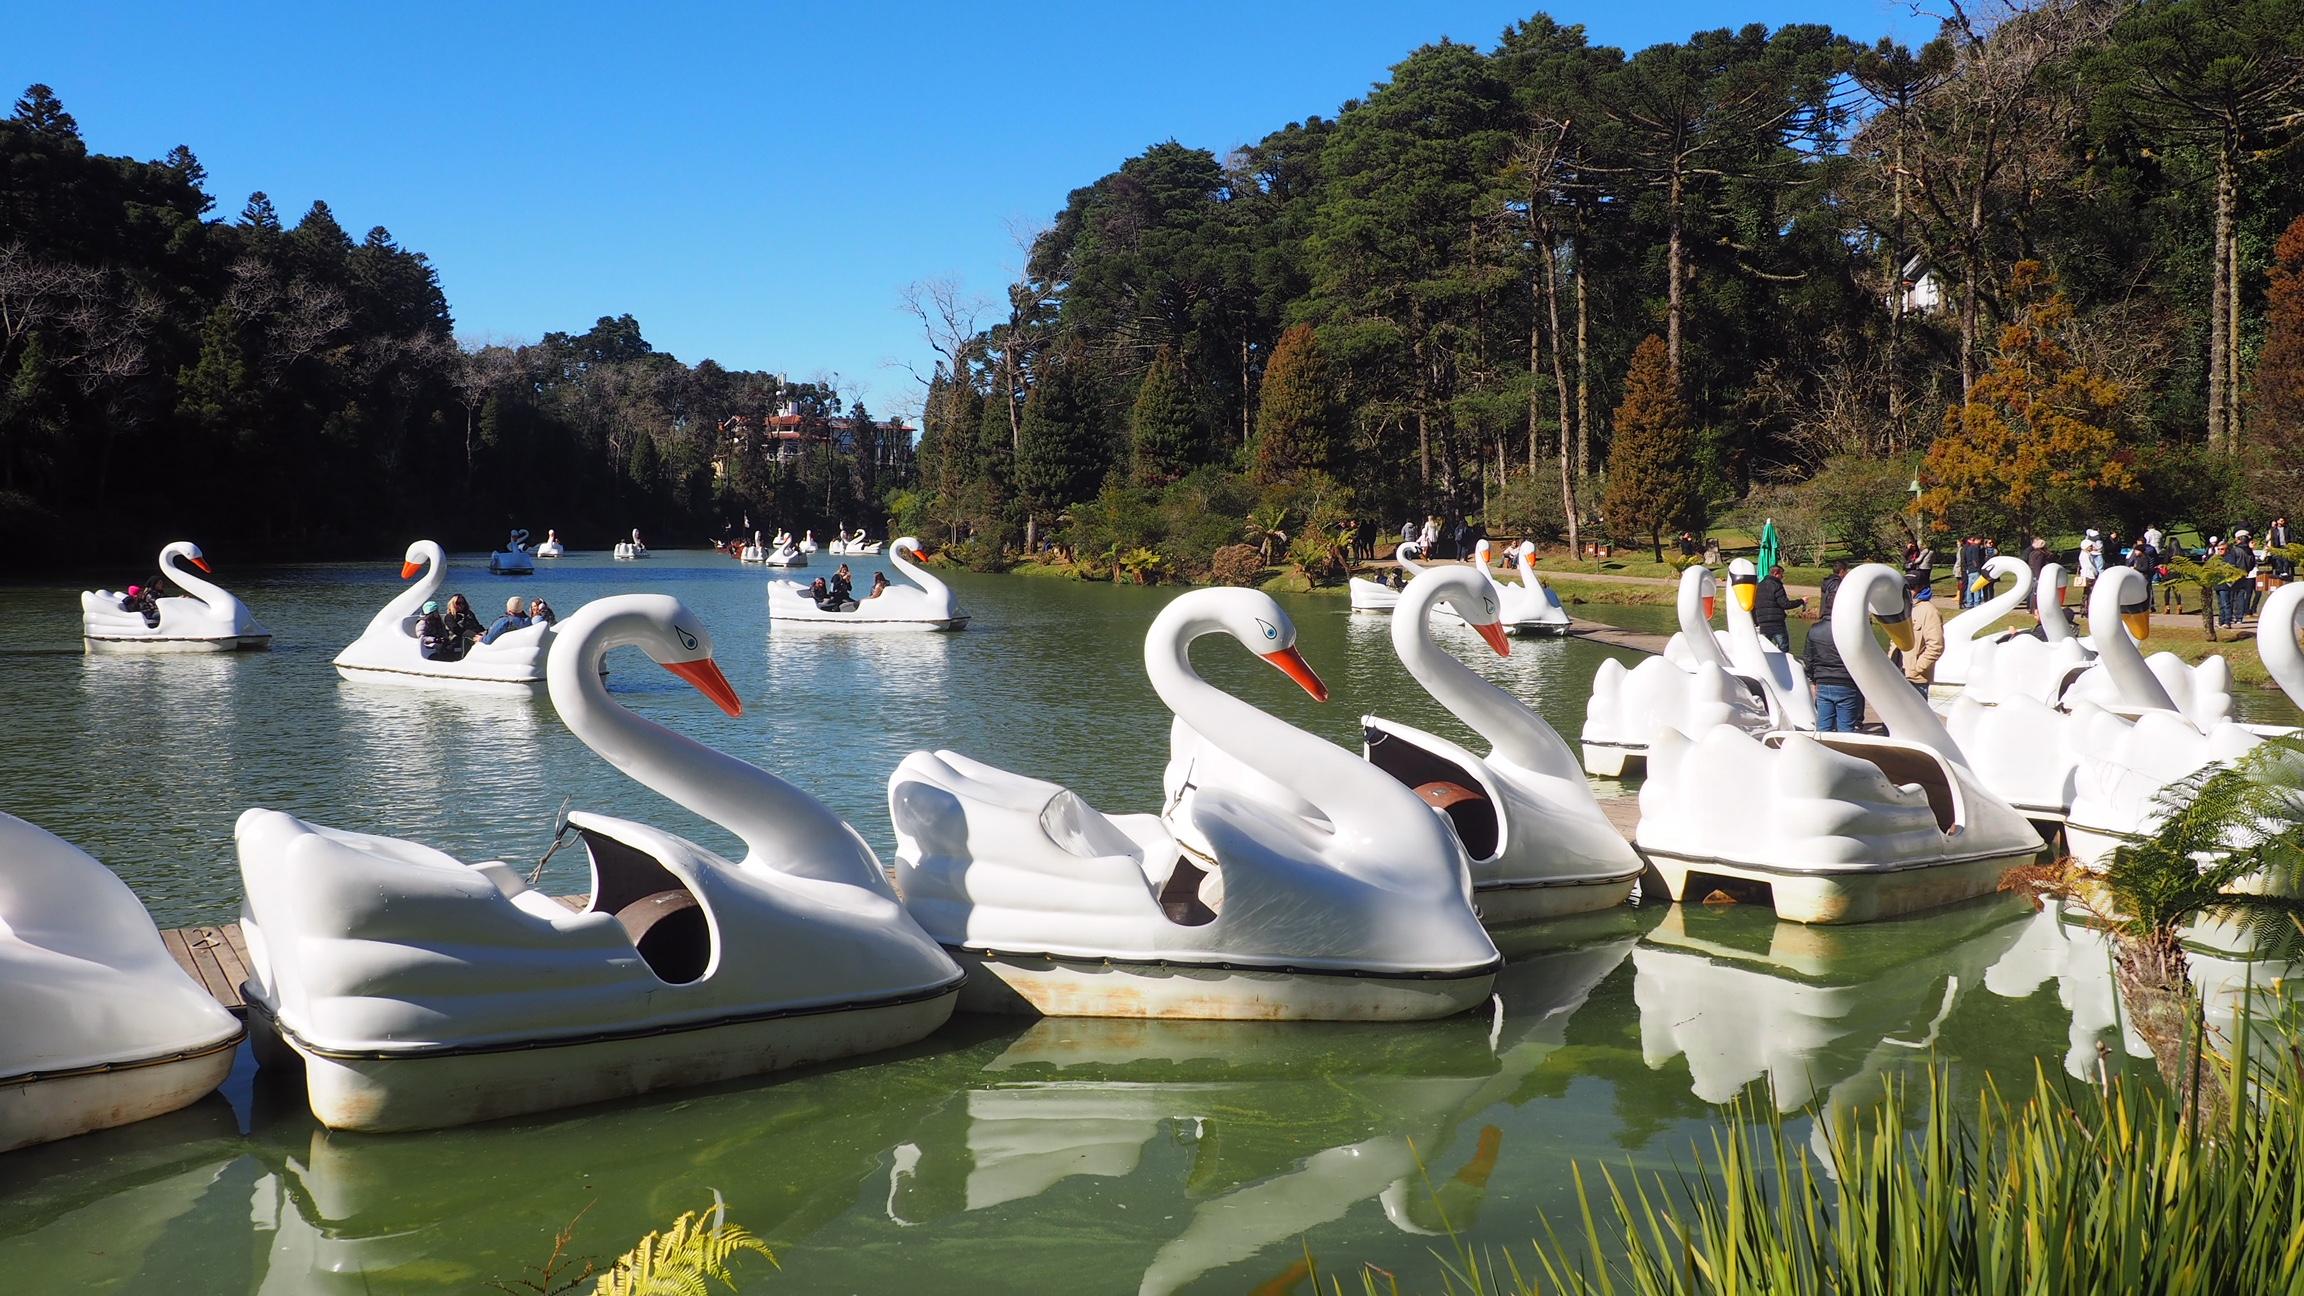 Las barcas con forma de cisne en las que se puede dar una vuelta por la Lagoa Negra, una de las cosas que hacer en Gramado (Brasil)